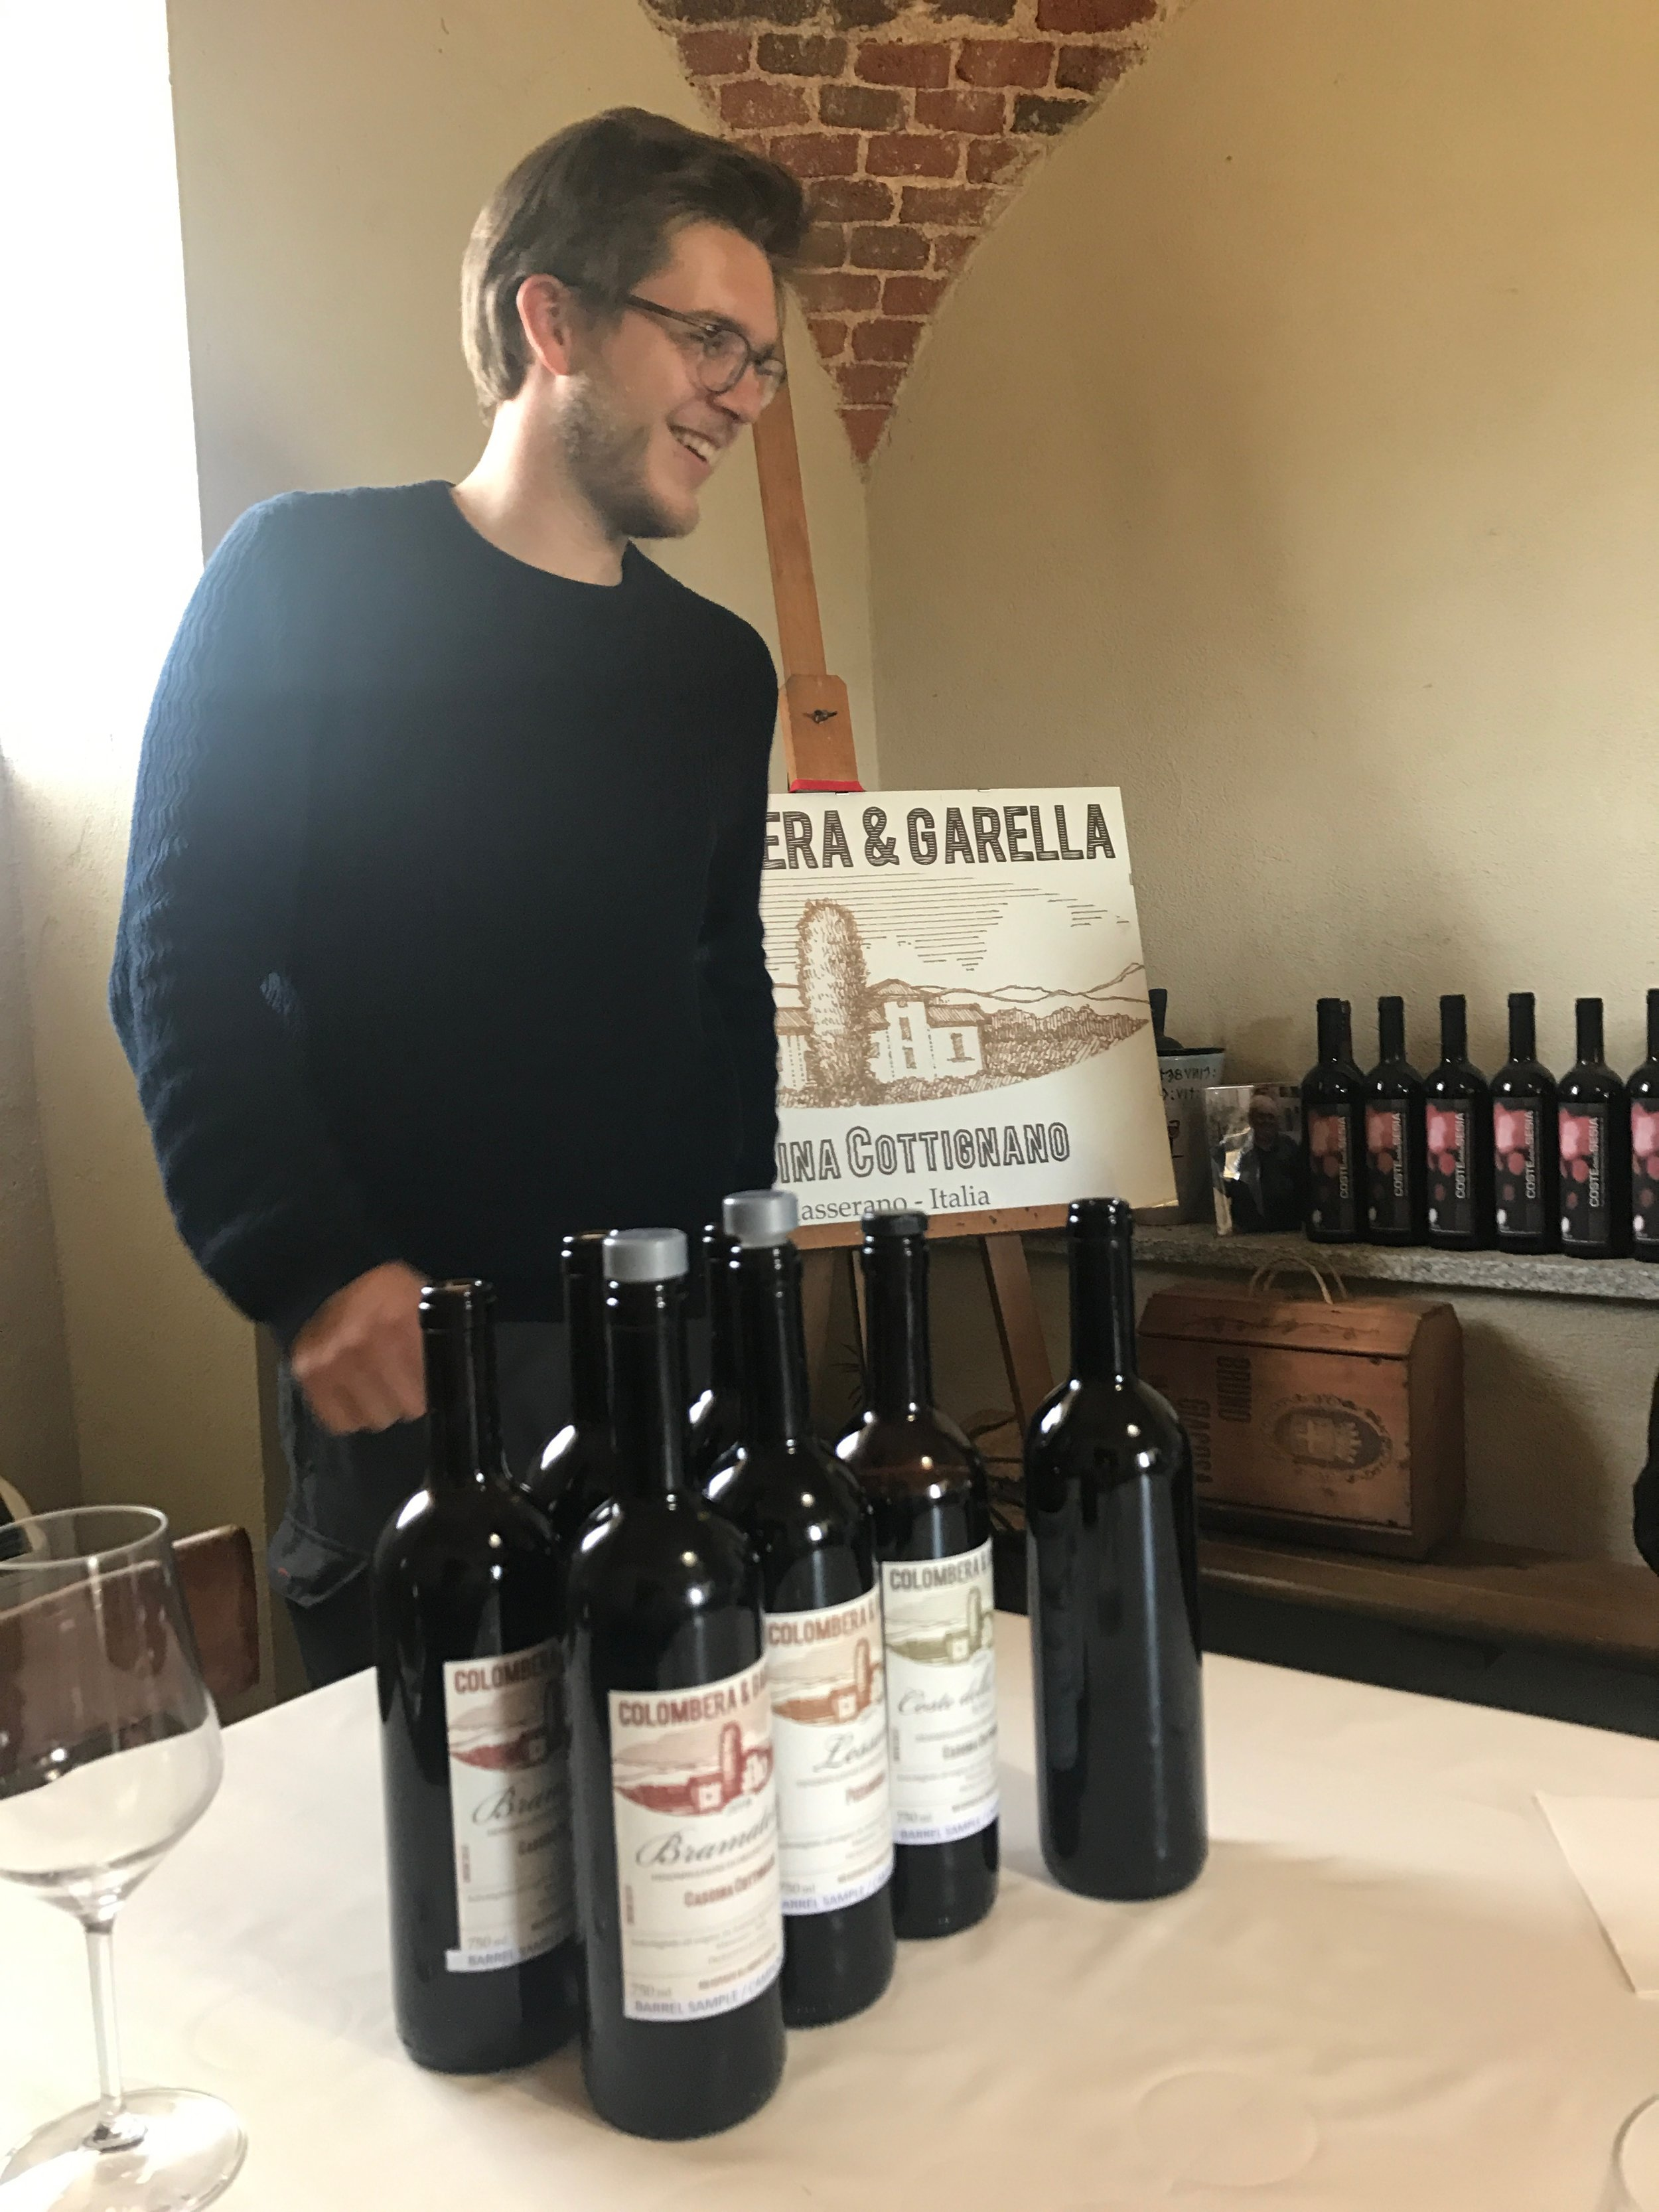 Colombera Garella - Giacomo.jpg